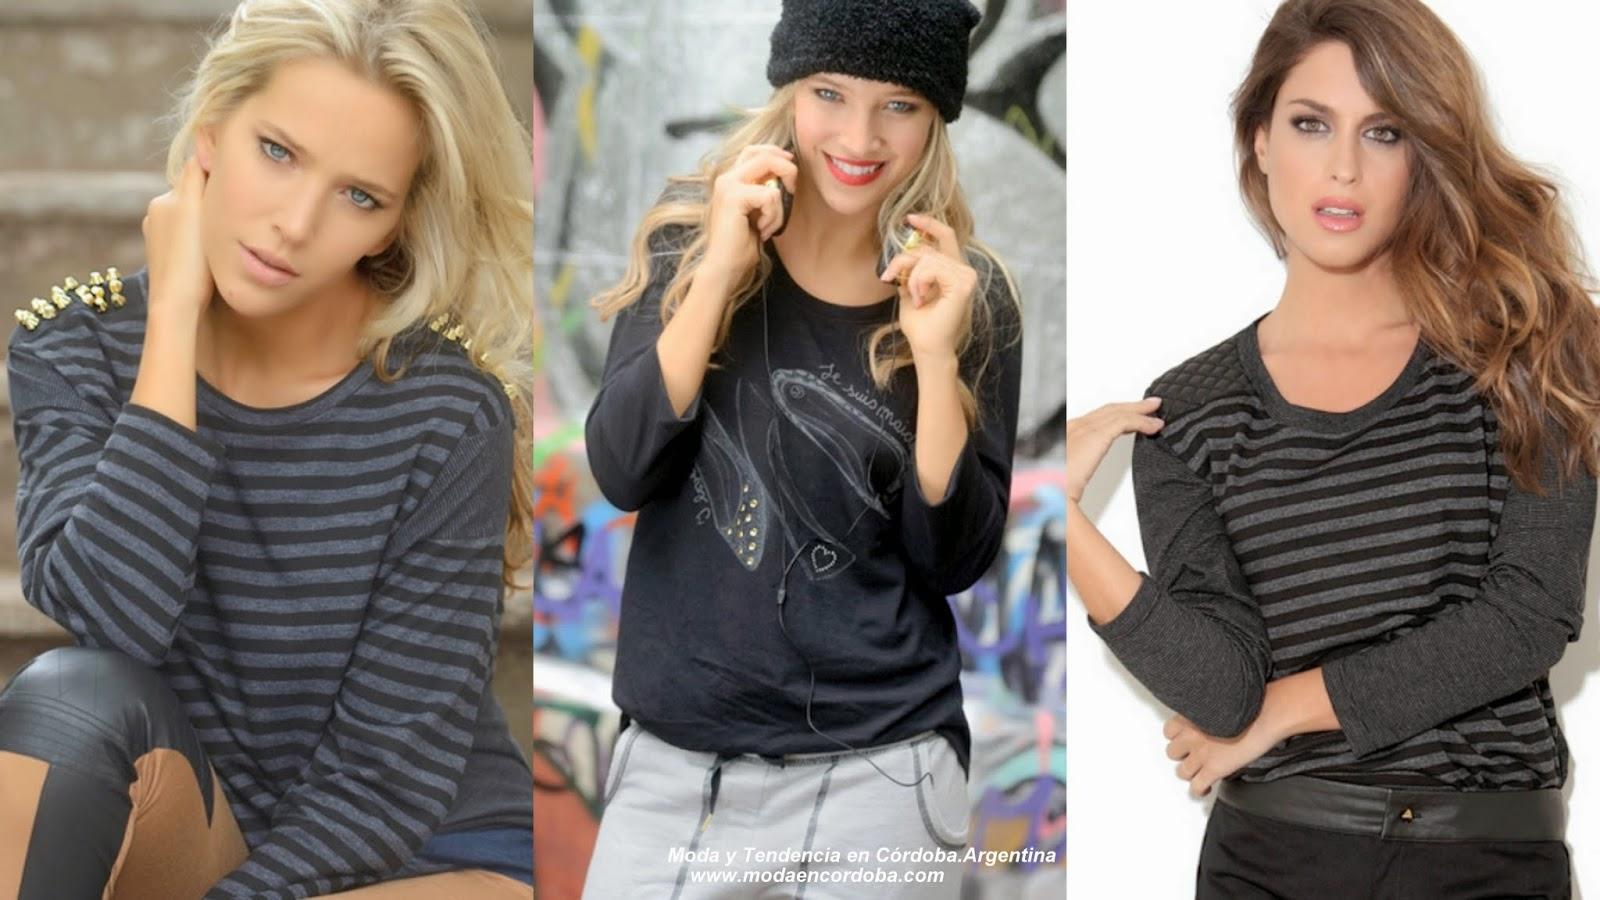 Lenceria De Baño Elaboracion:Moda y Tendencia en Cordoba, Argentina: Moda Argentina: Marcela Koury